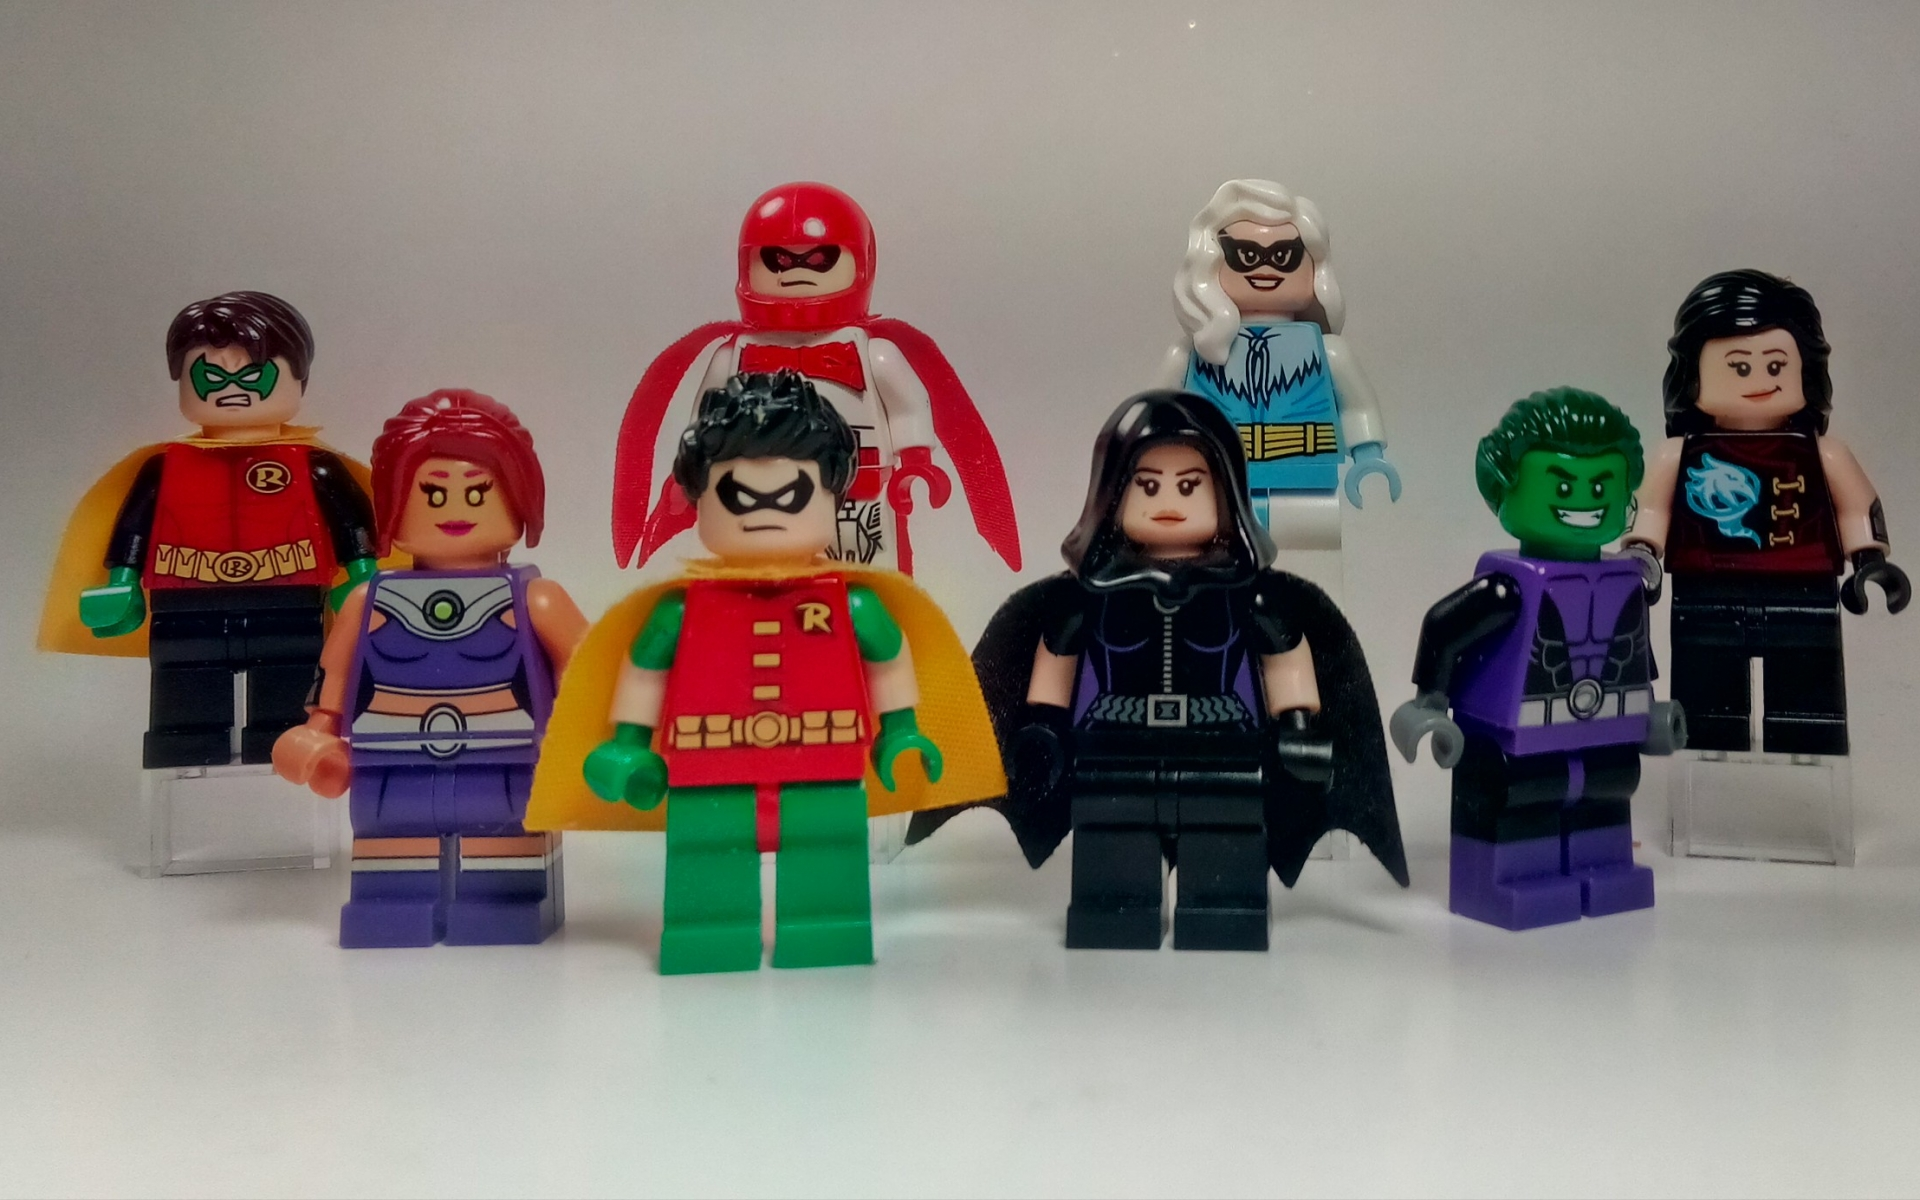 Muñecos de lego de super héroes - 1920x1200